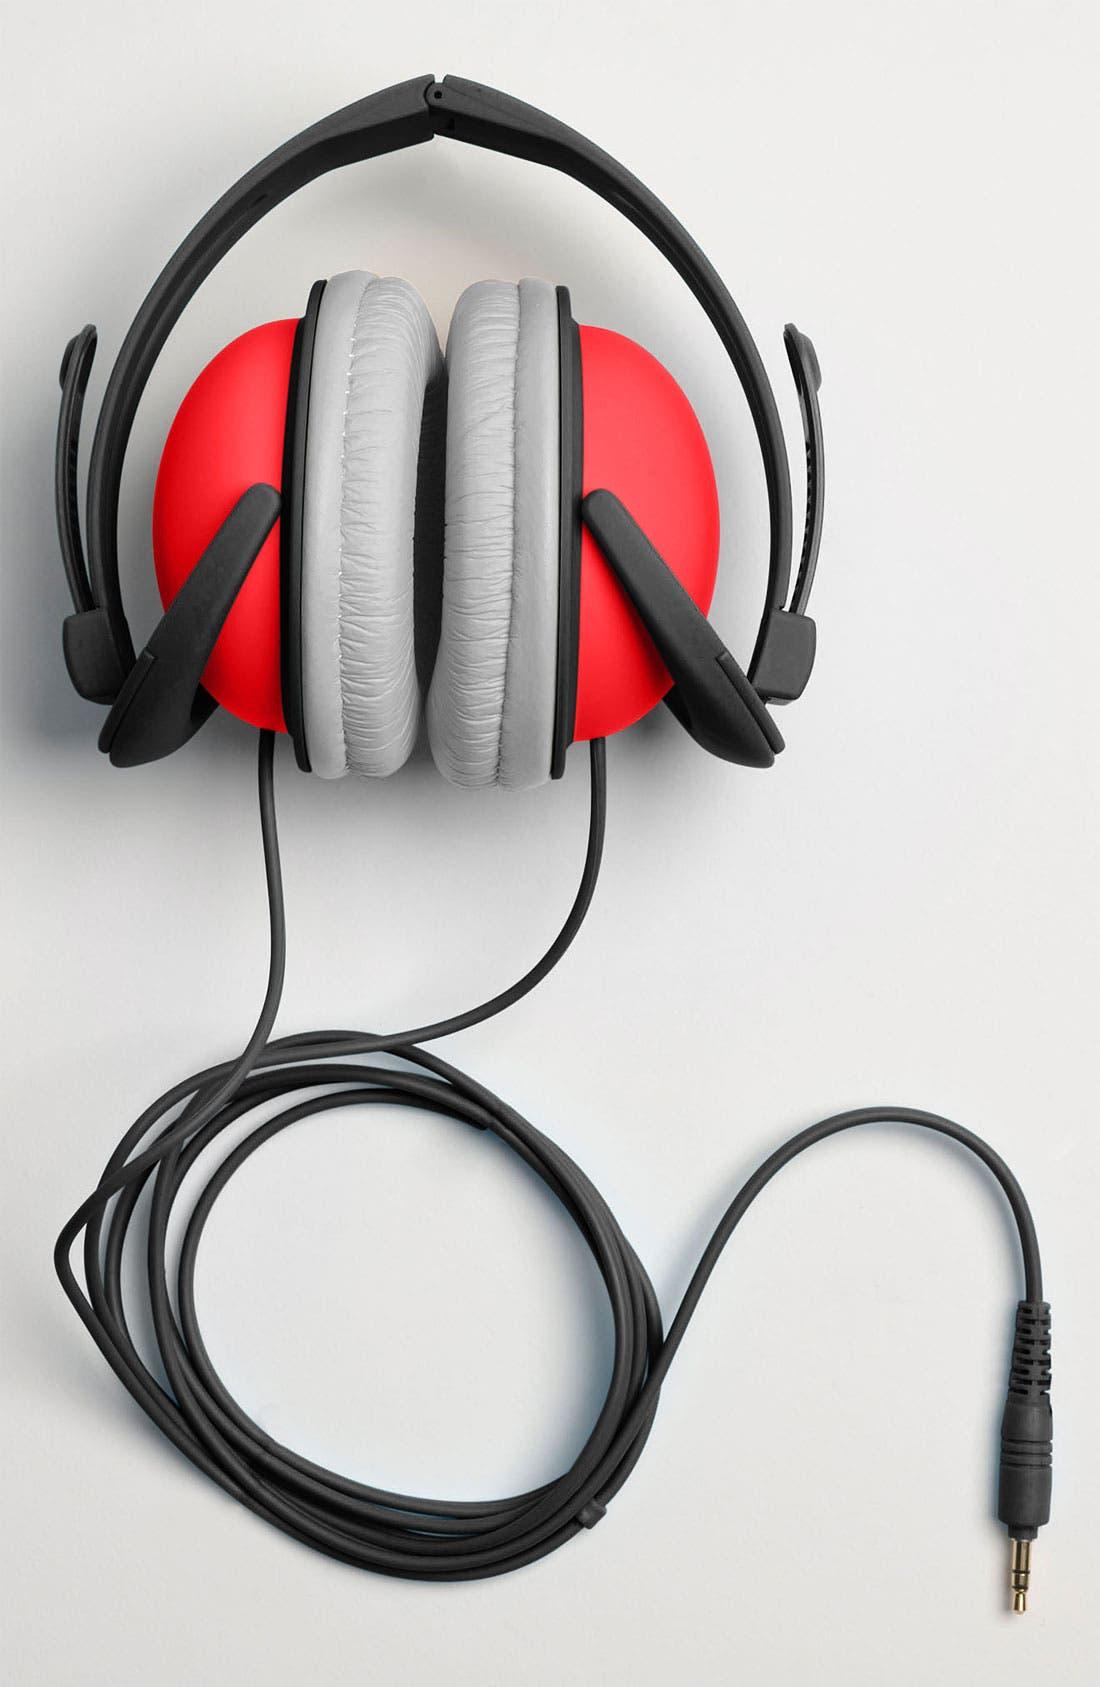 Alternate Image 3  - Decor Craft Colorblock Headphones